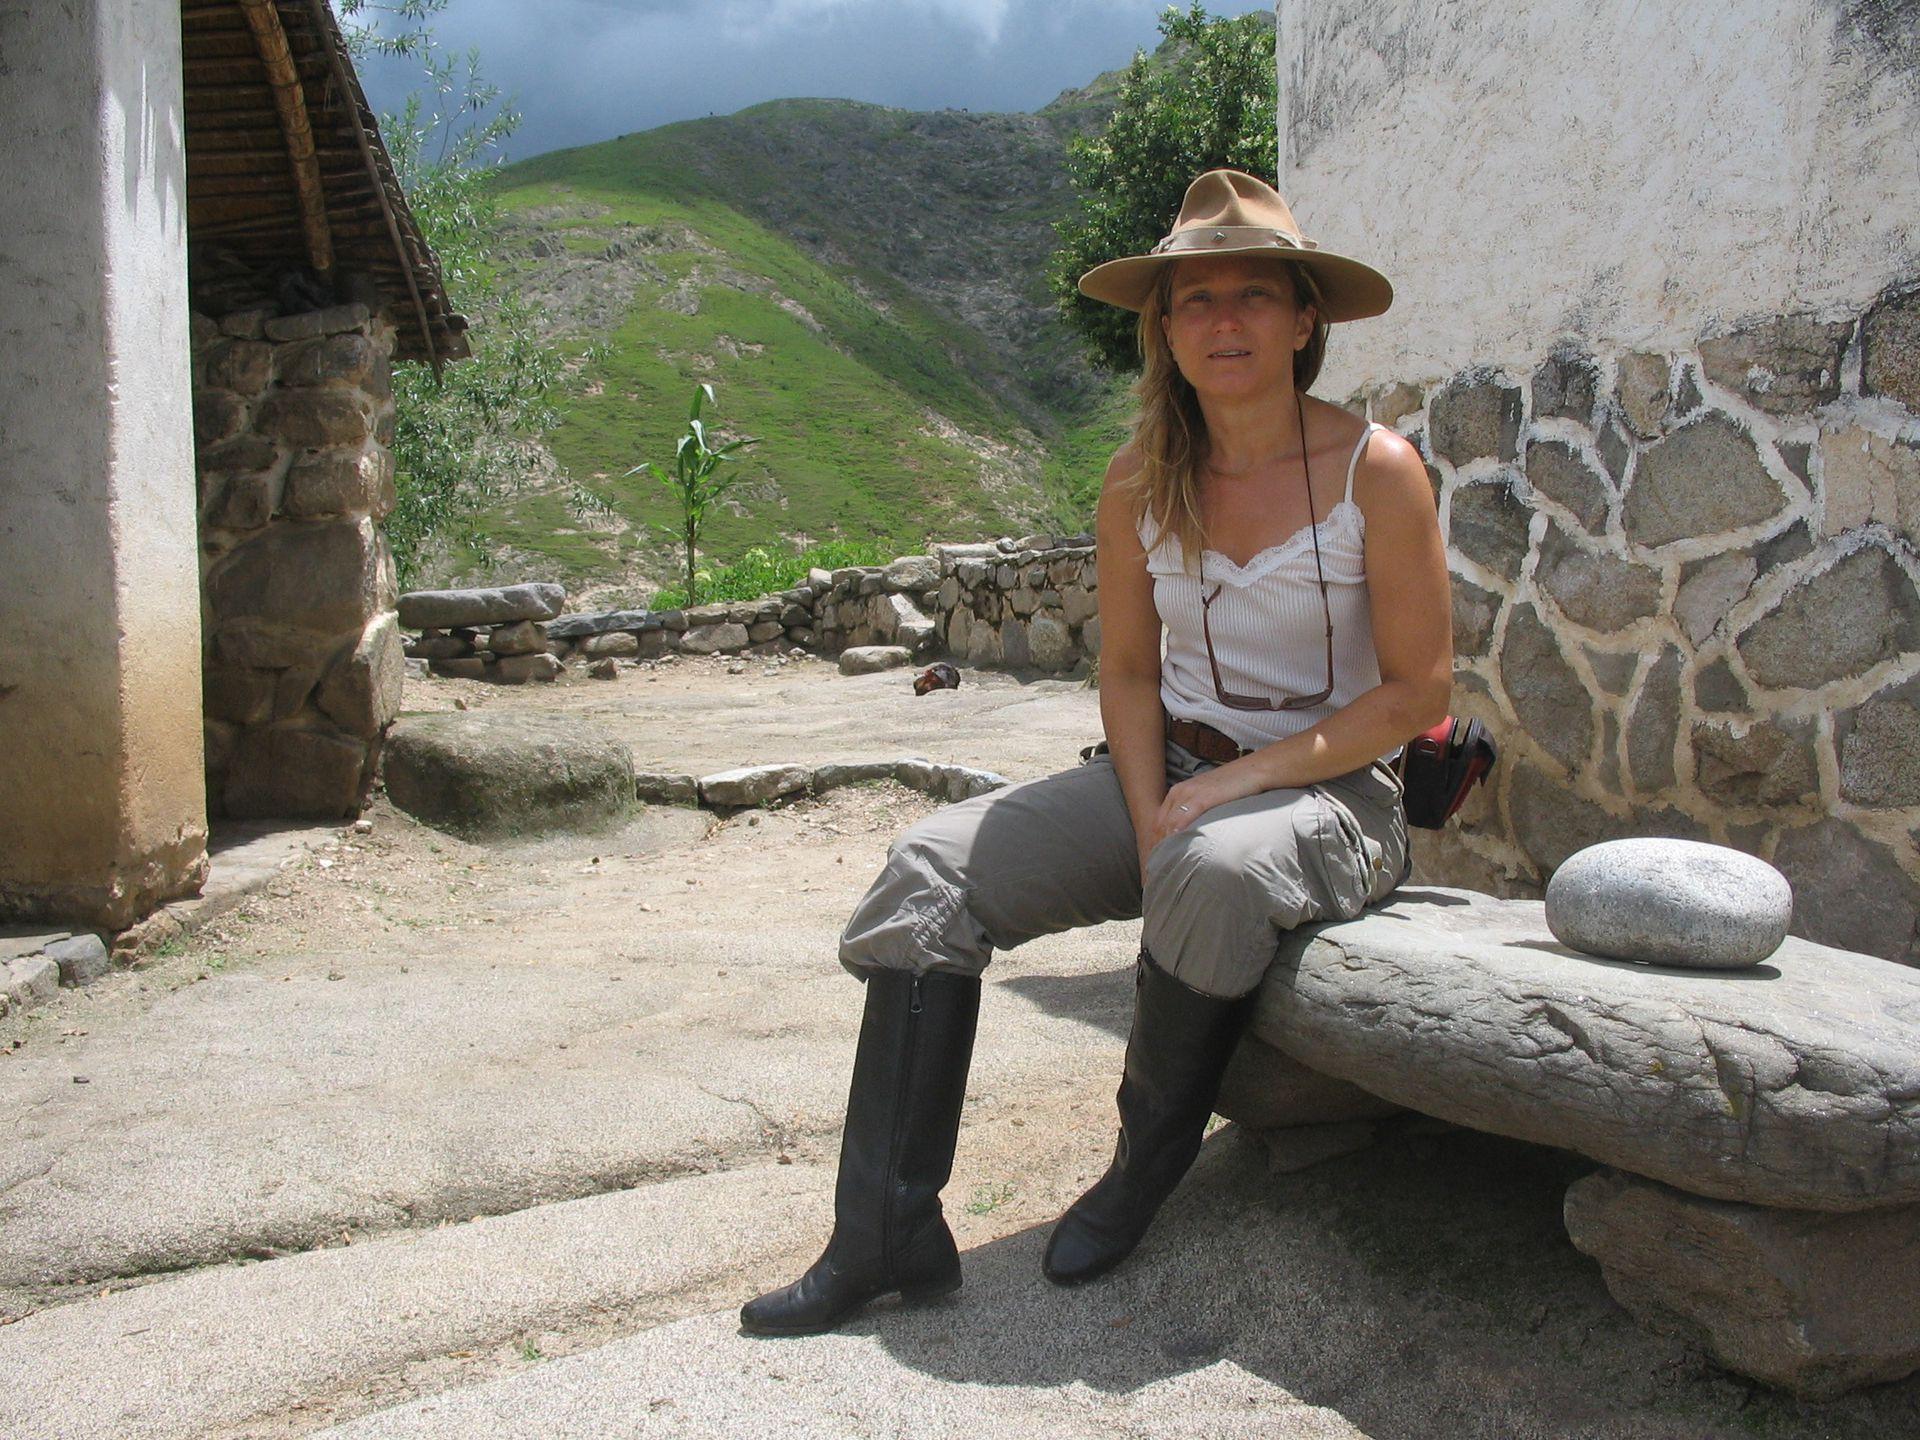 Fabienne nació en Camerún, vivió en Brasil y Ecuador. Esa vida multicultural fue la base que la impulsó a buscar un nuevo horizonte en el noroeste argentino.